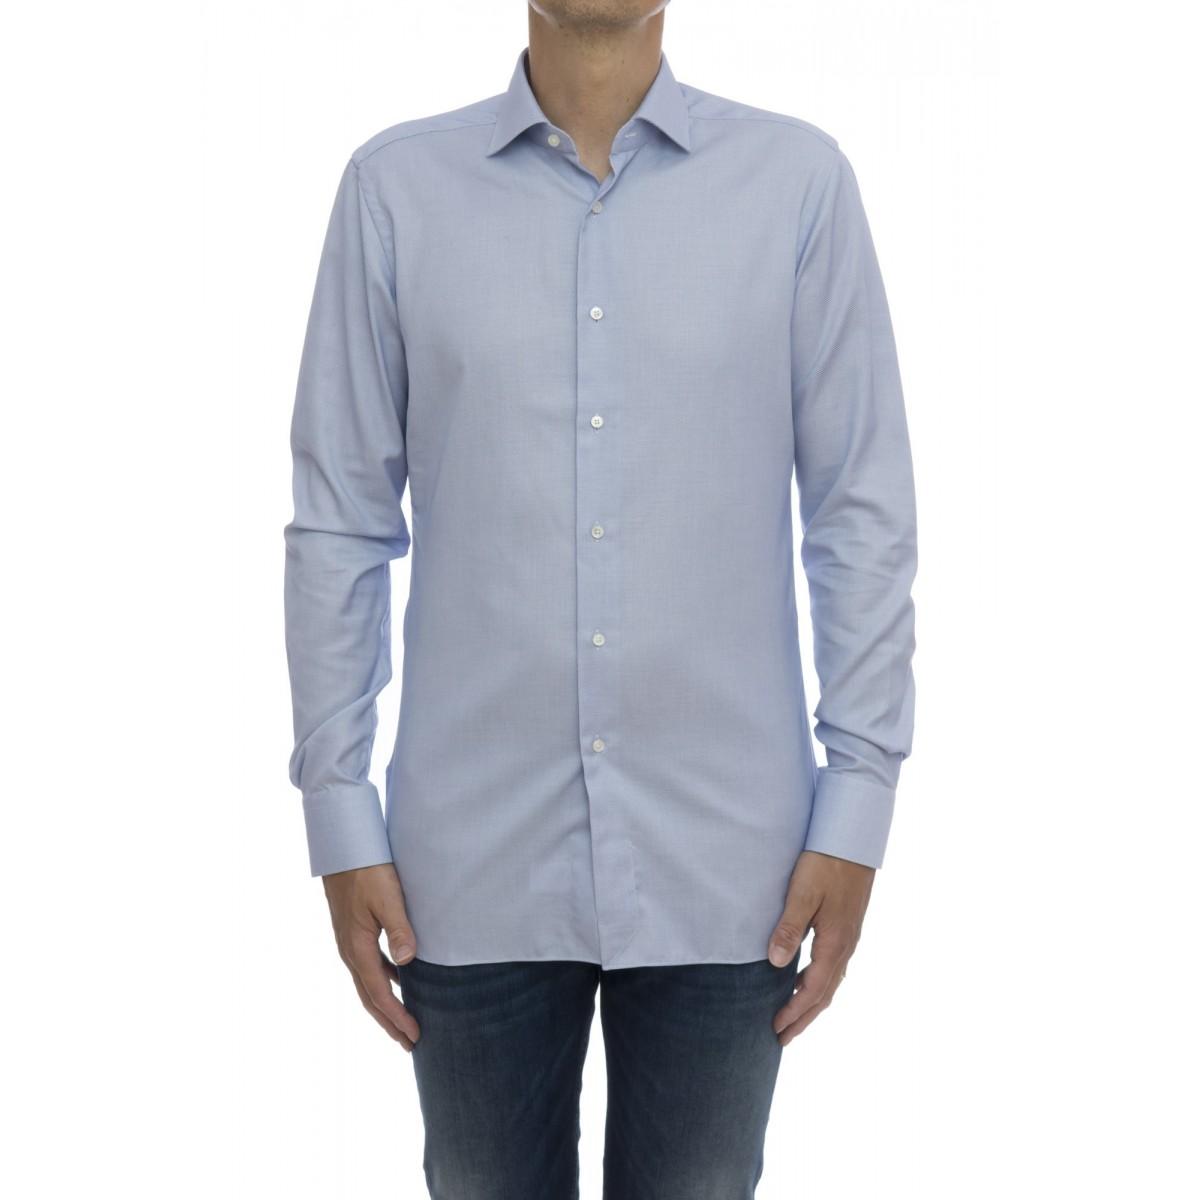 Camicia uomo - 558 11358 no stiro